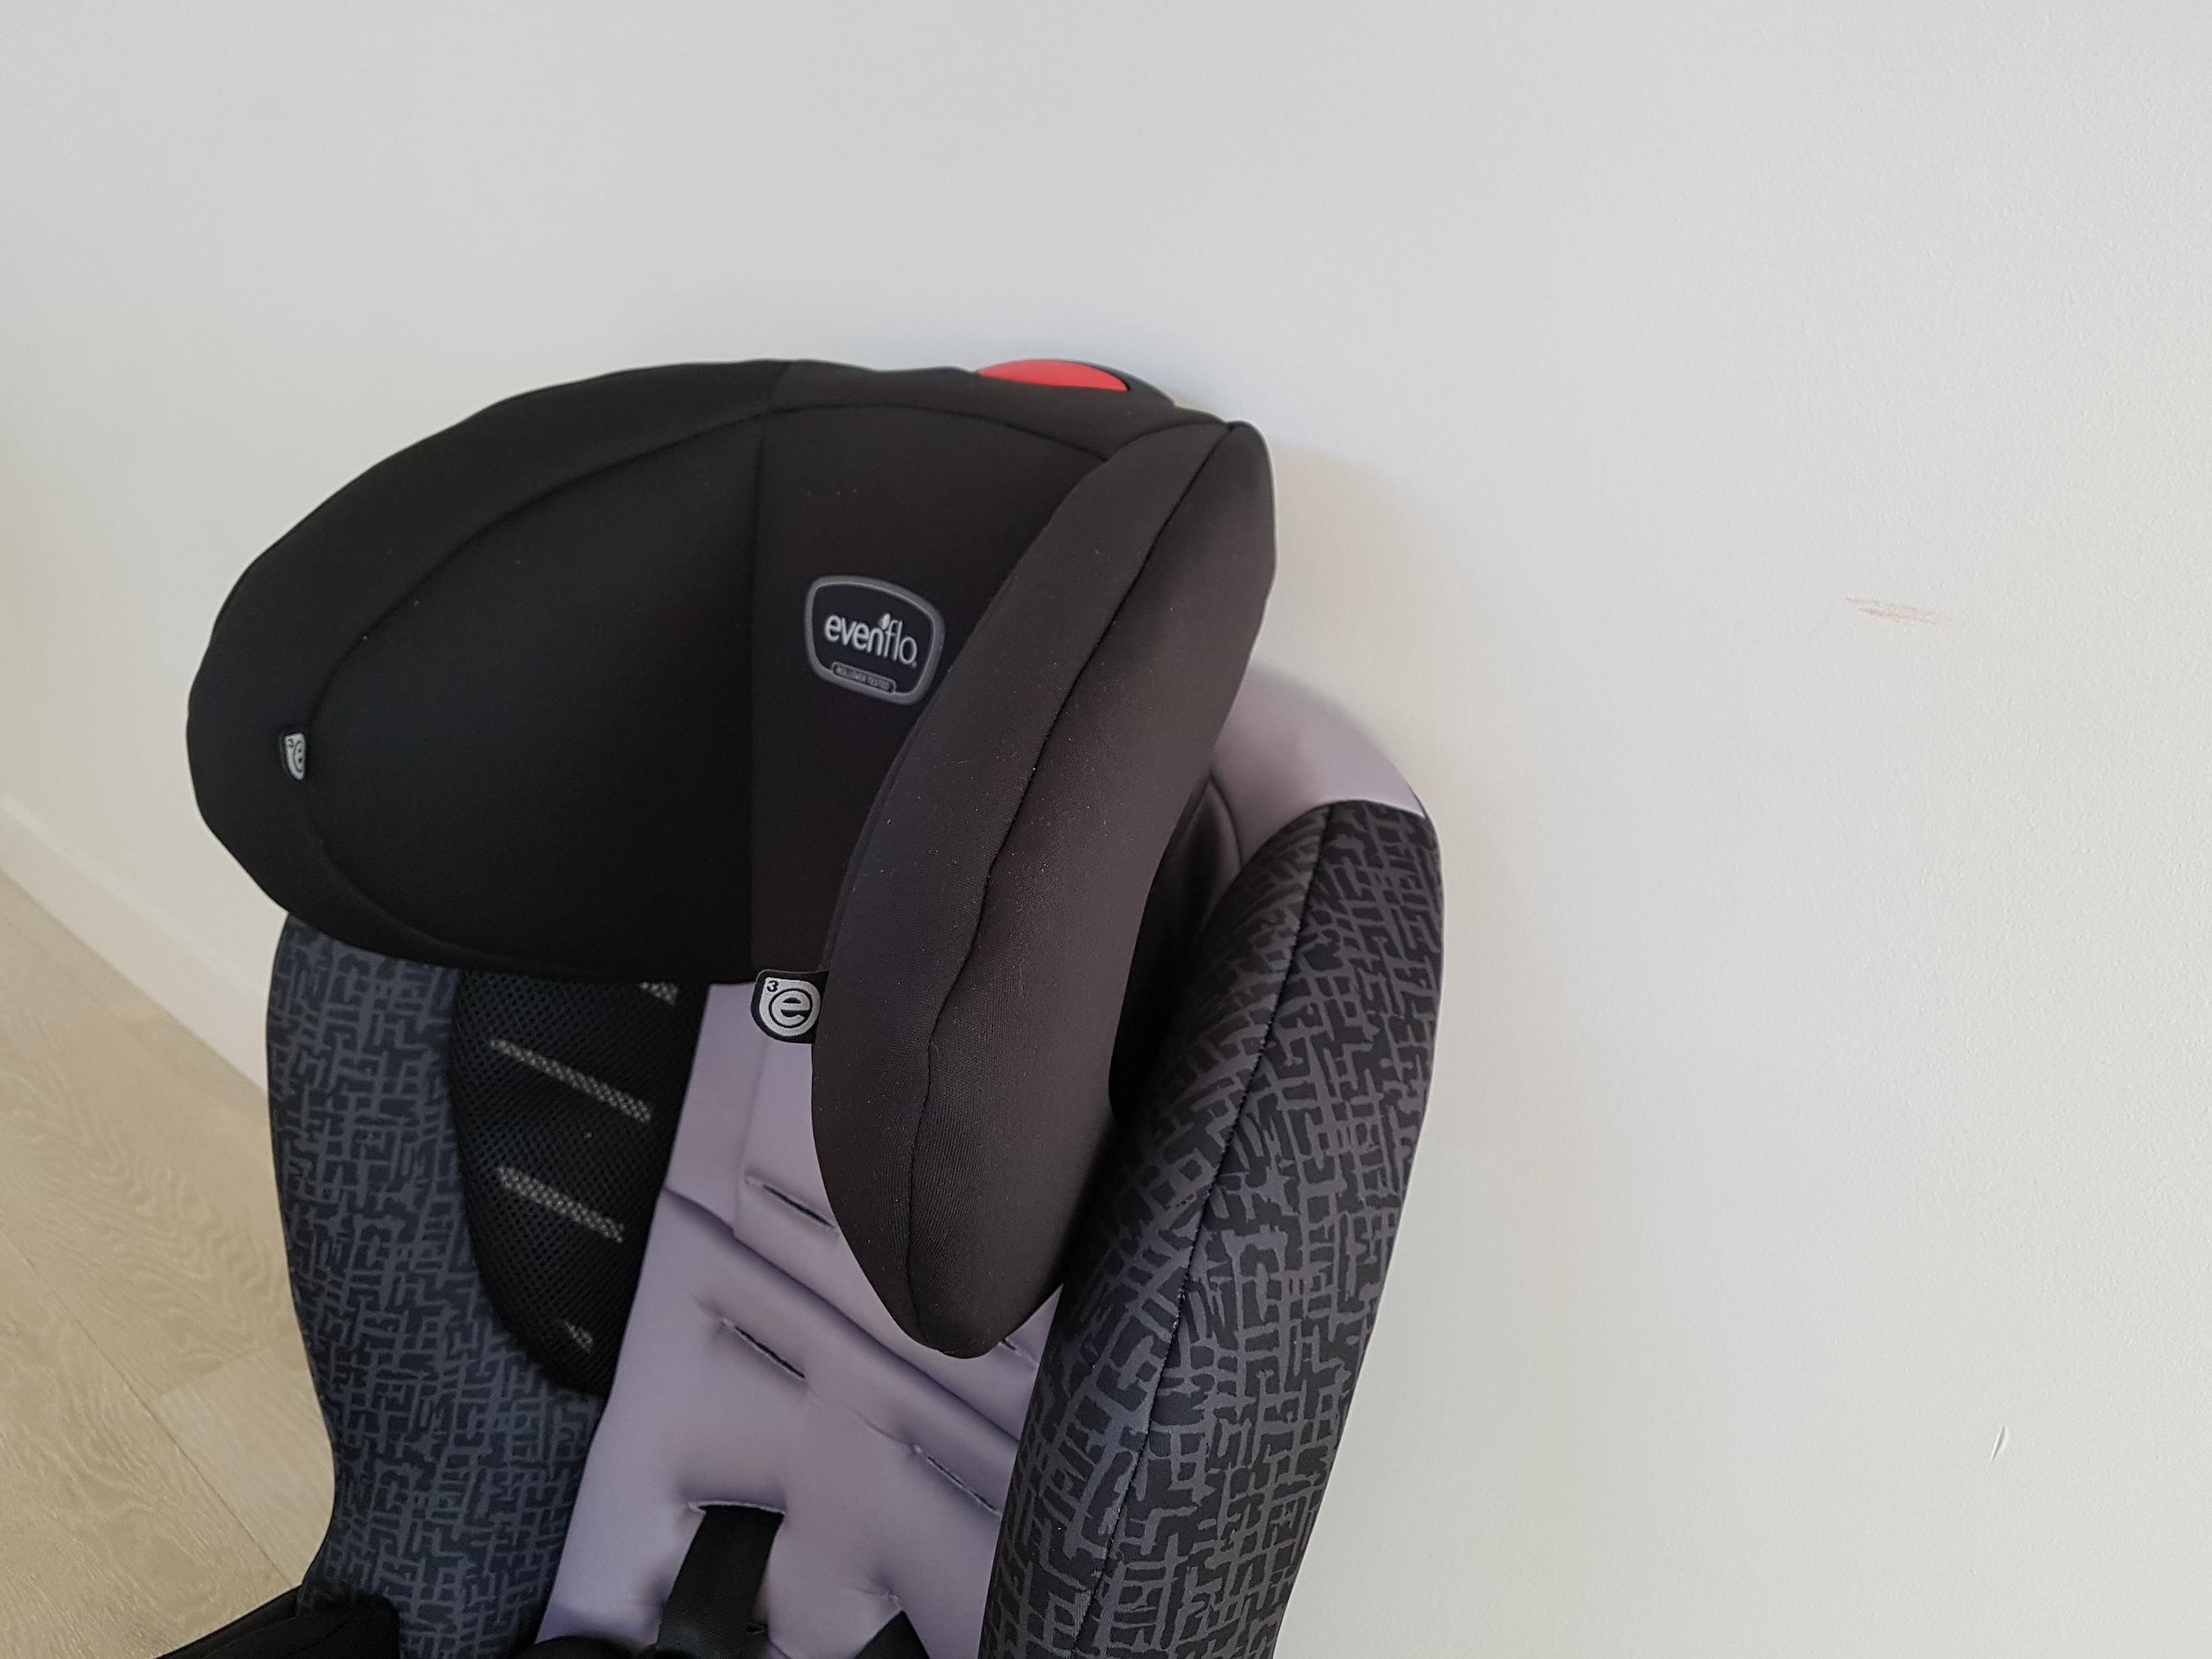 evenflo_car_seat_bby_head_rest2